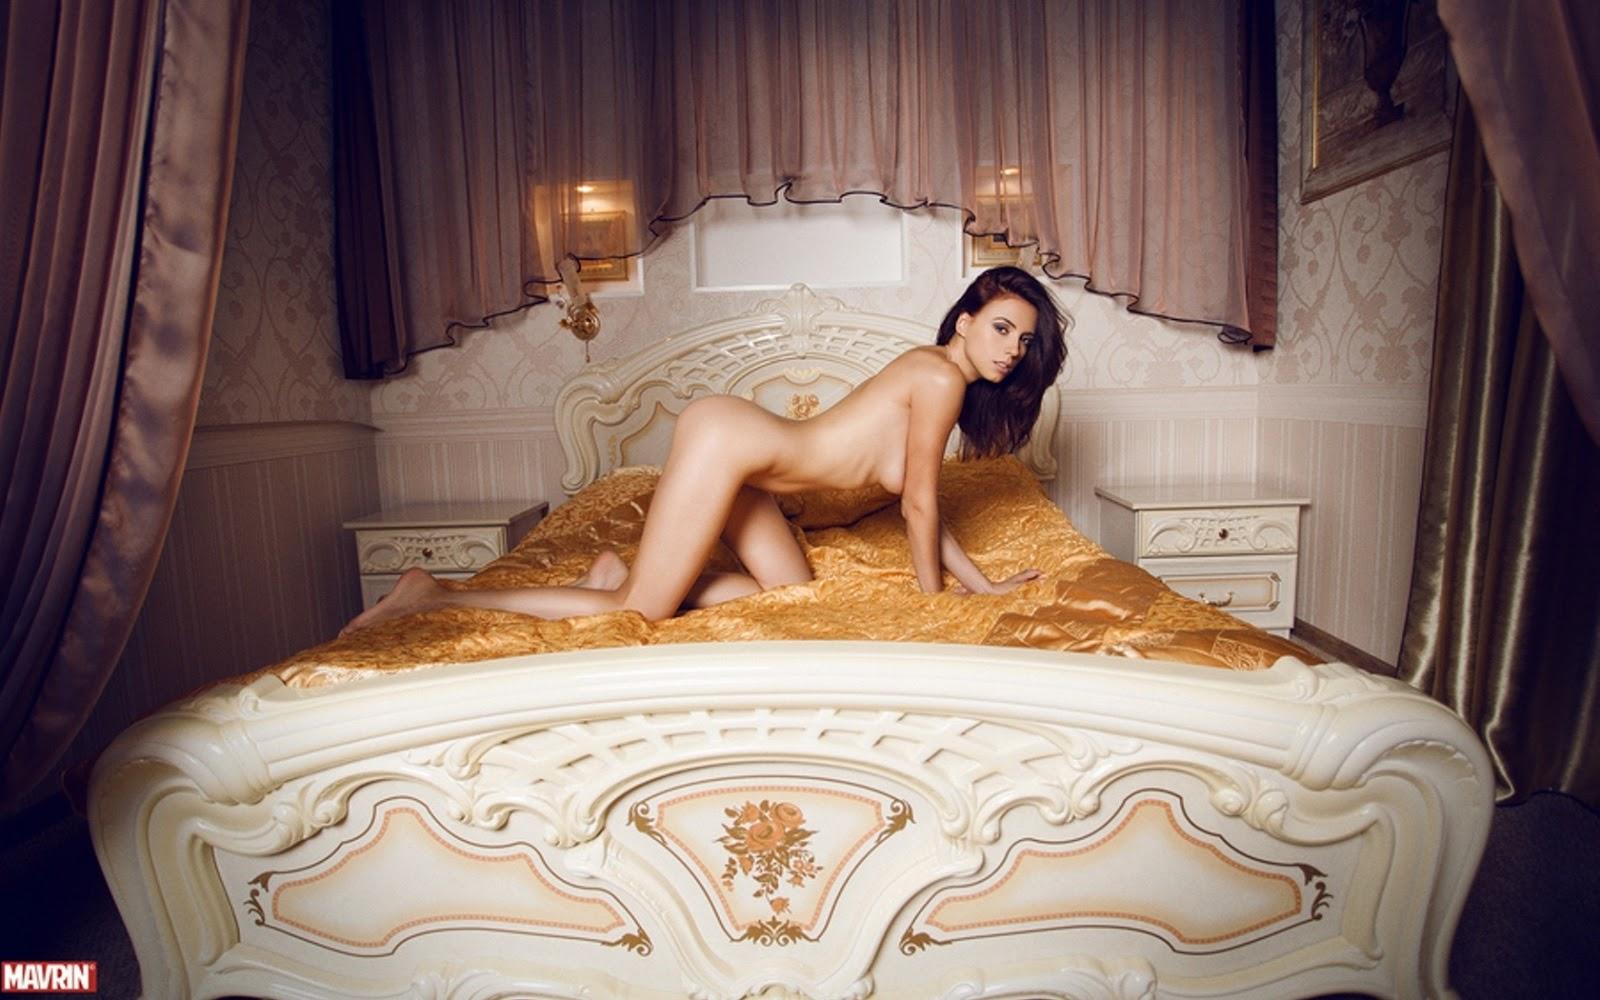 Эротические порно сценки 27 фотография